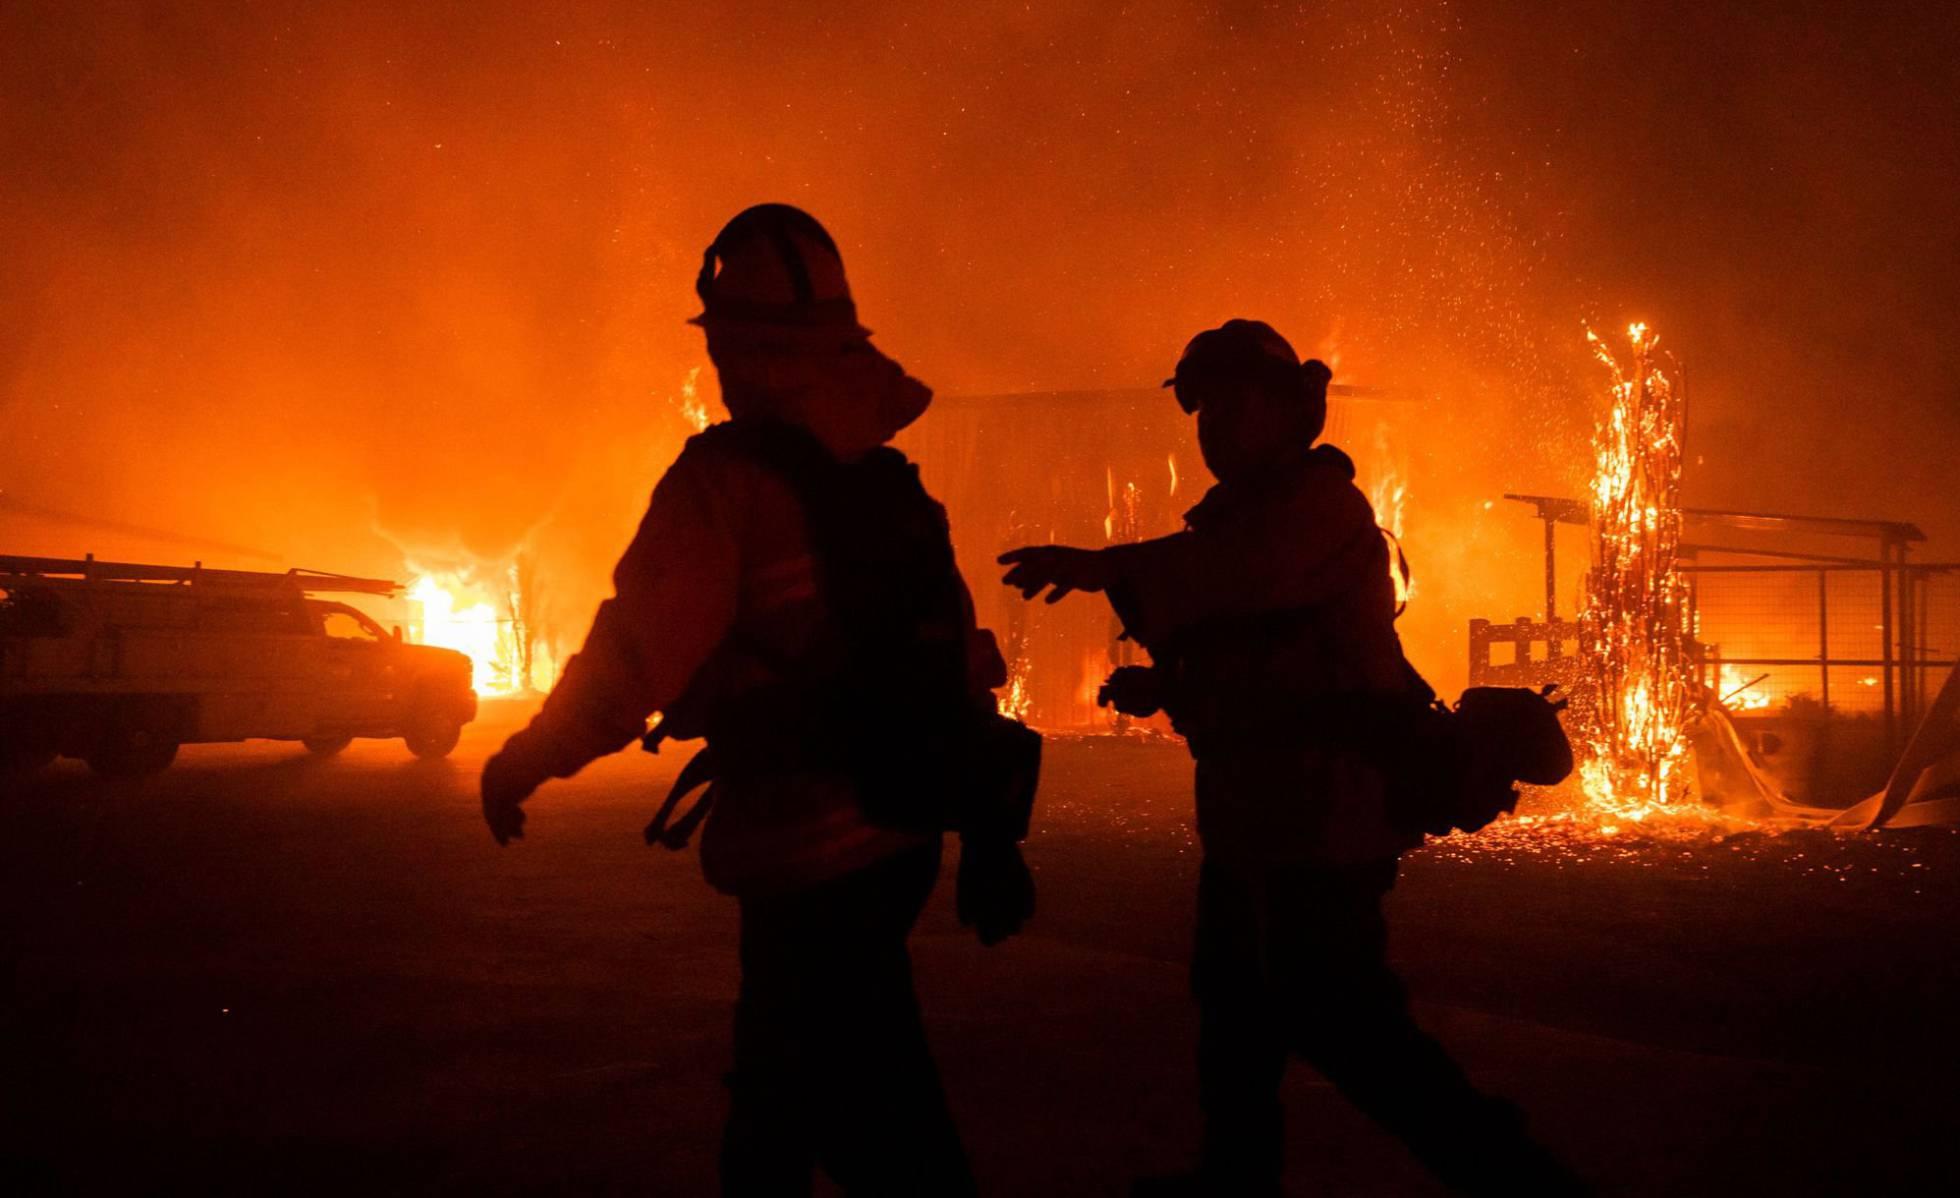 incendios en Los Angeles